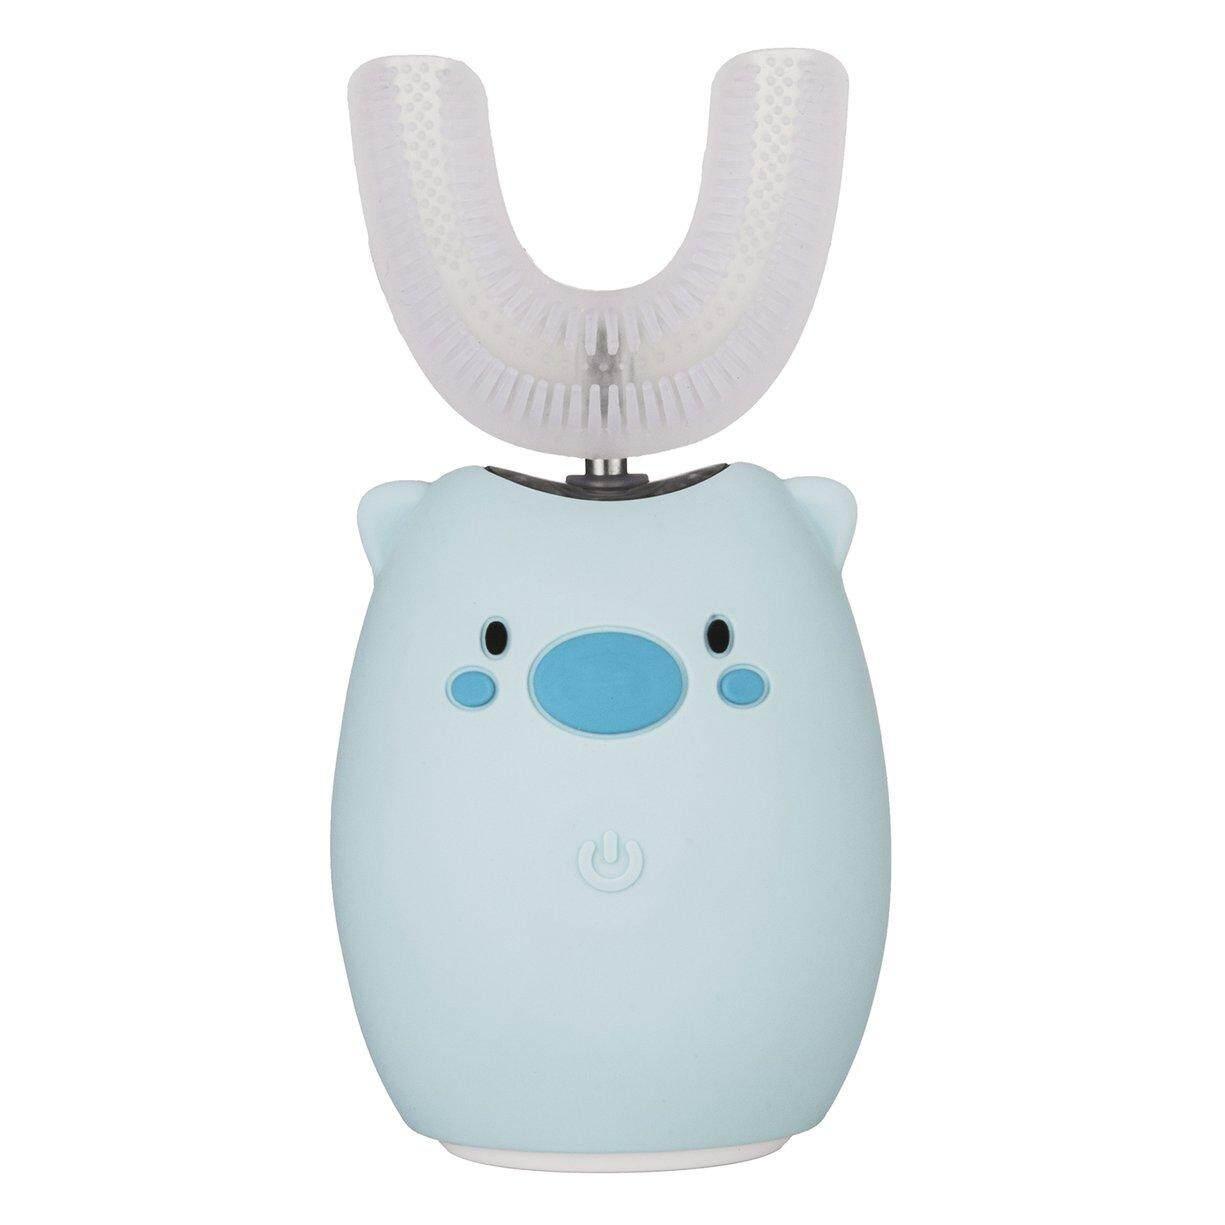 แปรงสีฟันไฟฟ้าเพื่อรอยยิ้มขาวสดใส นนทบุรี ที่ดีที่สุดขายเด็ก U Type Electric TOOT Hbrush เกี่ยวกับระบบเสียงที่สามารถชาร์จไฟได้อัตโนมัติ TOOT Hbrush